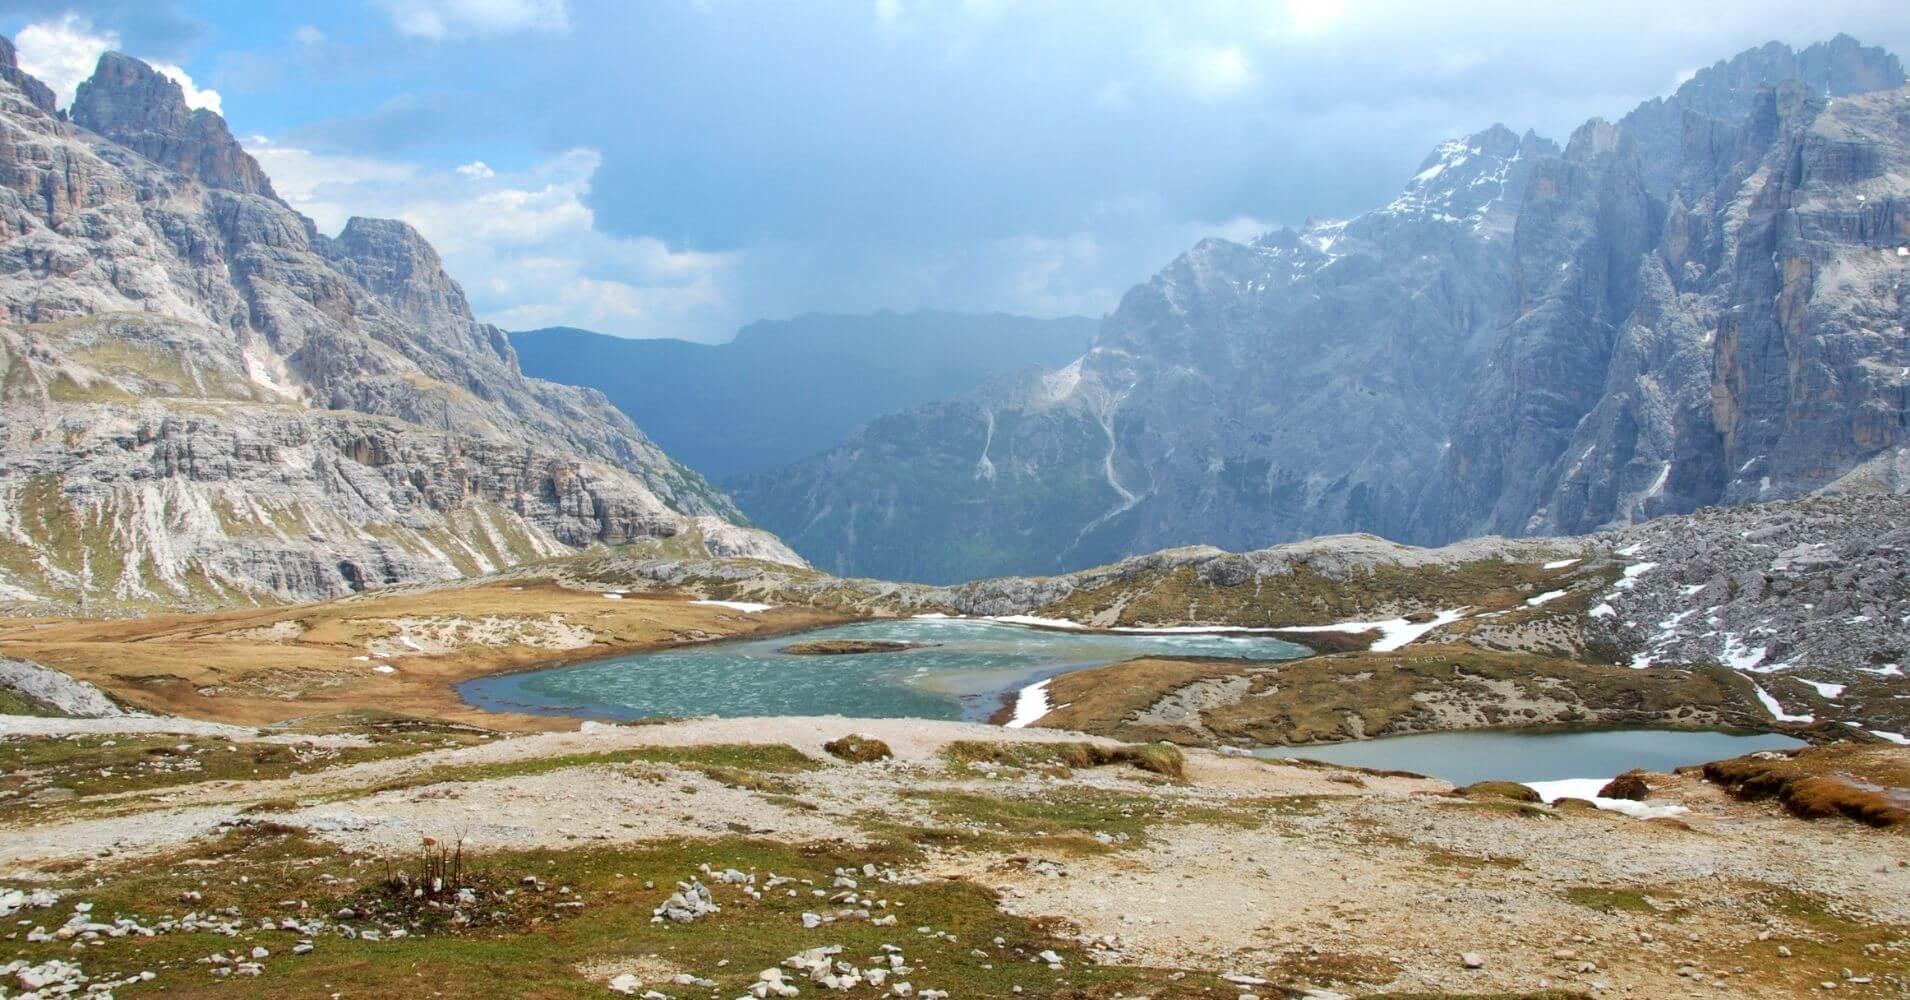 Lagos de piani. Alpes Dolomitas. Belluno, Véneto. Italia.